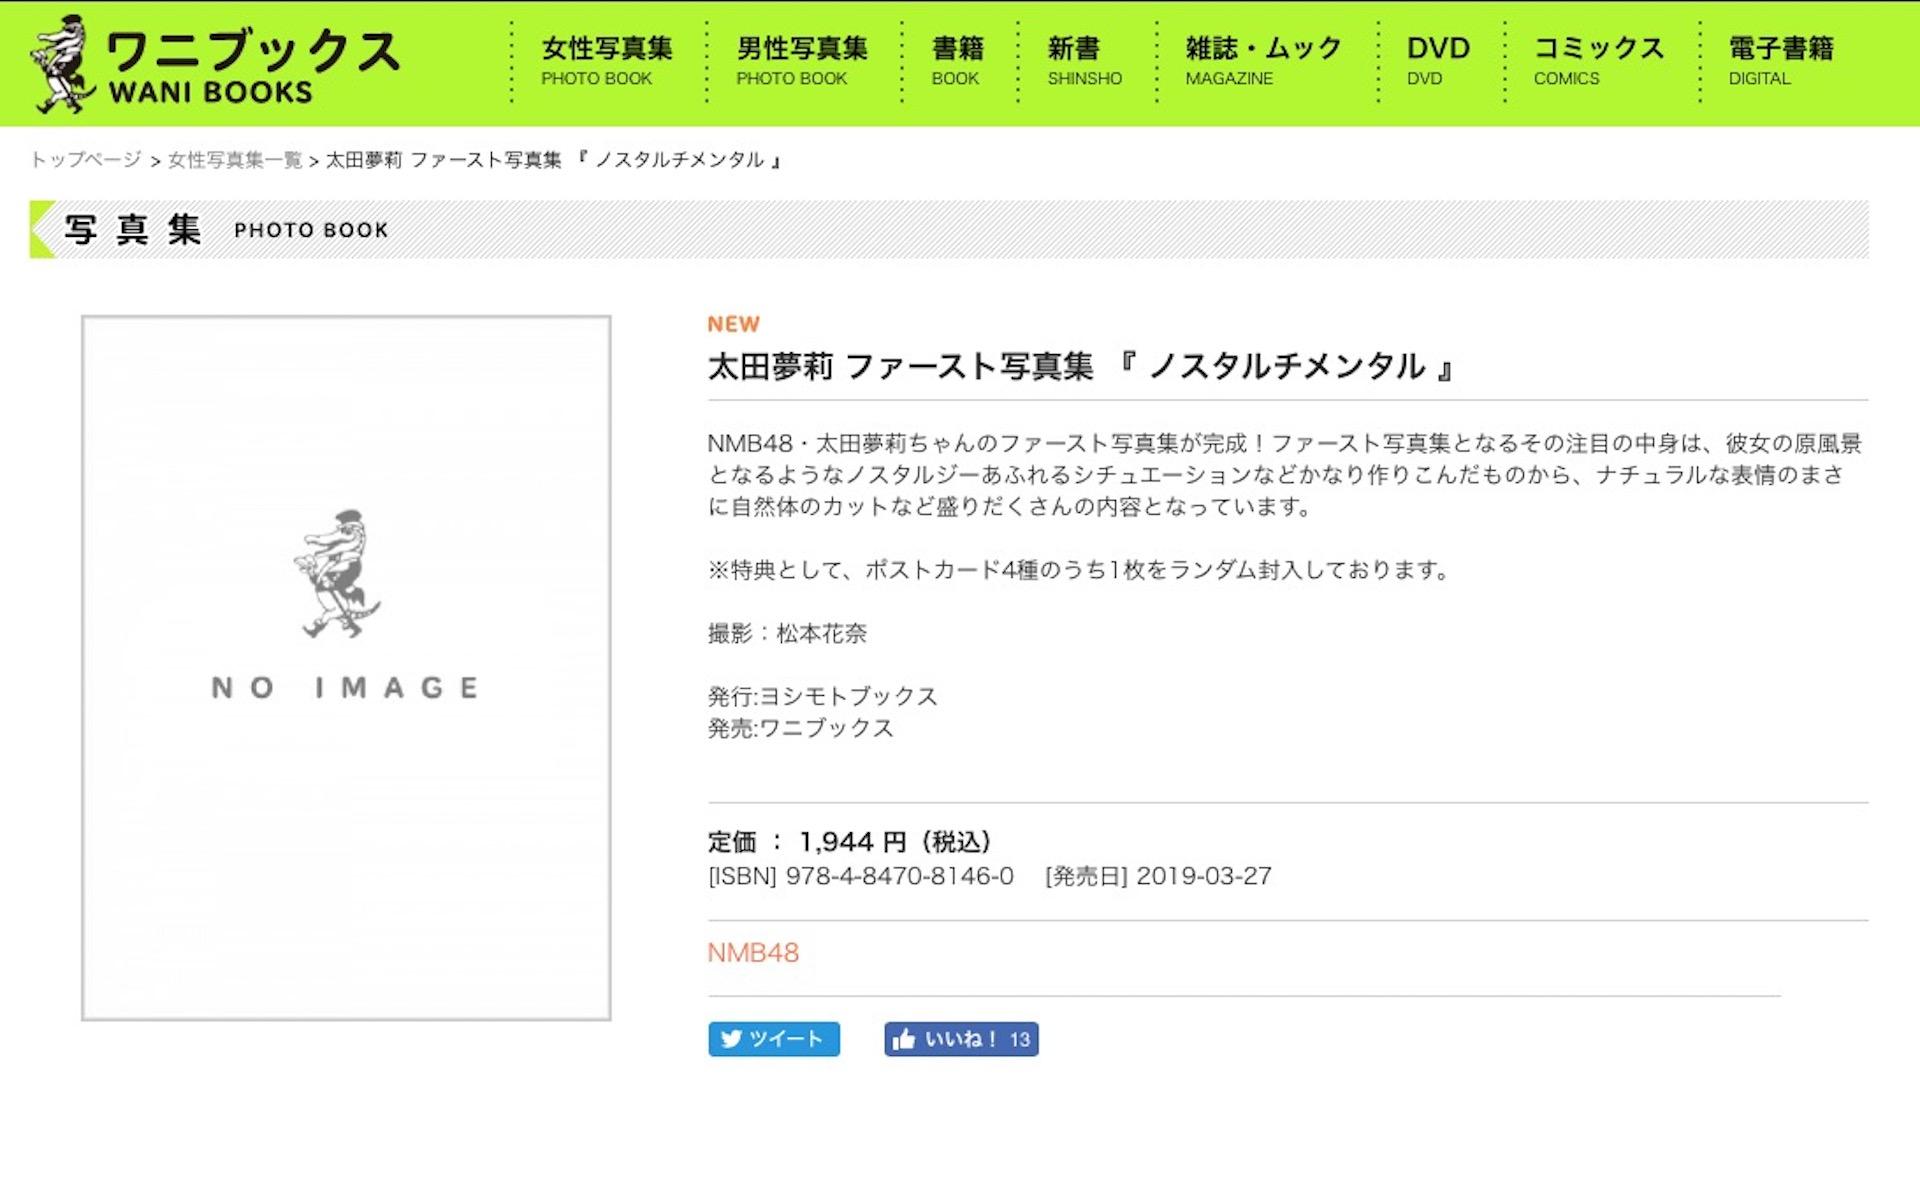 【太田夢莉】ゆーりのファースト写真集「ノスタルチメンタル」が3月27日に発売。